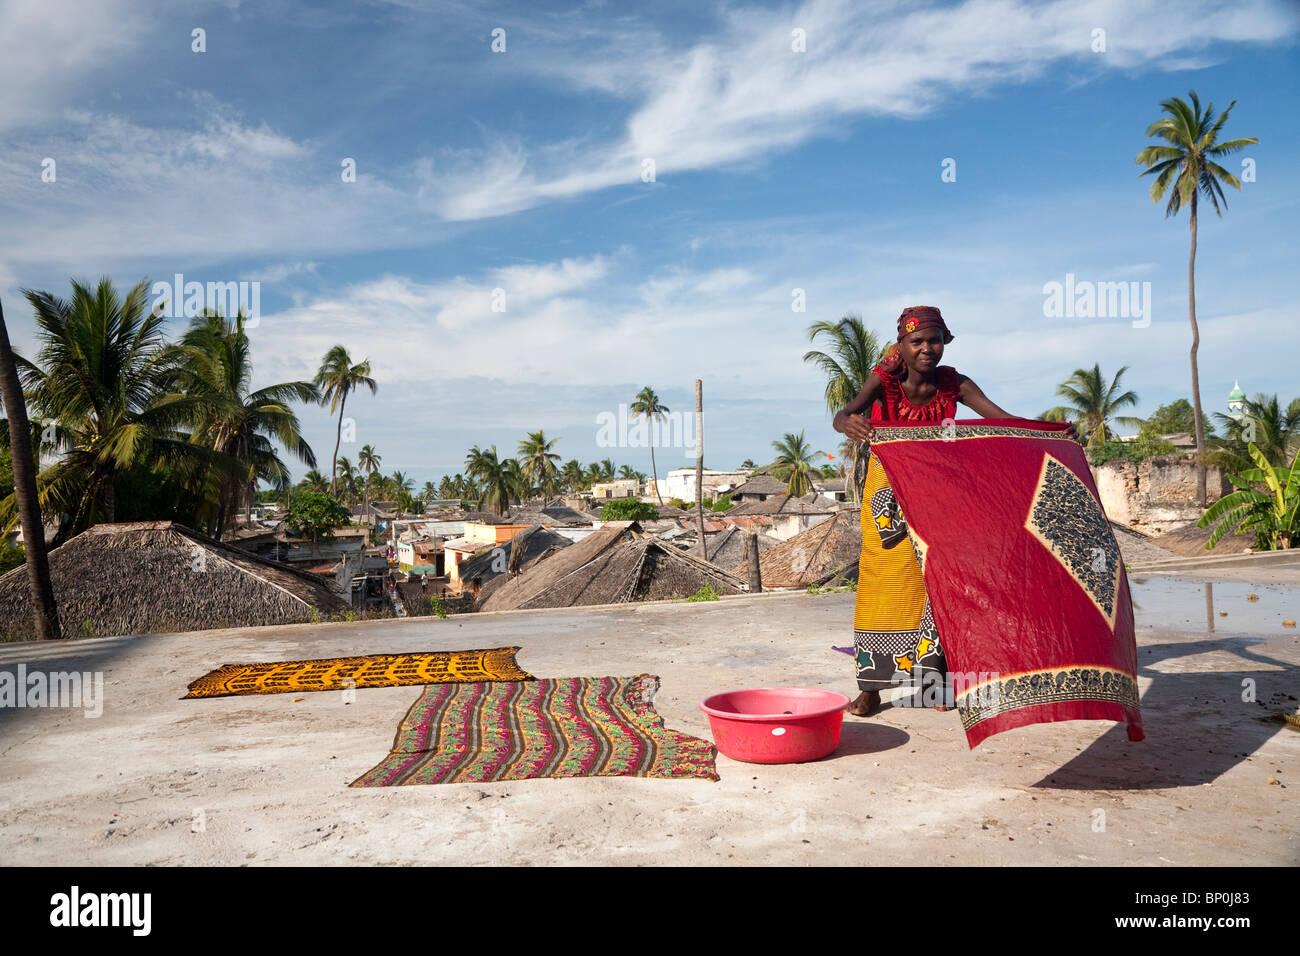 Le Mozambique, l'Ihla de Moçambique, Stone Town. Une dame sèche aux couleurs vives, Kapolanas sur Photo Stock